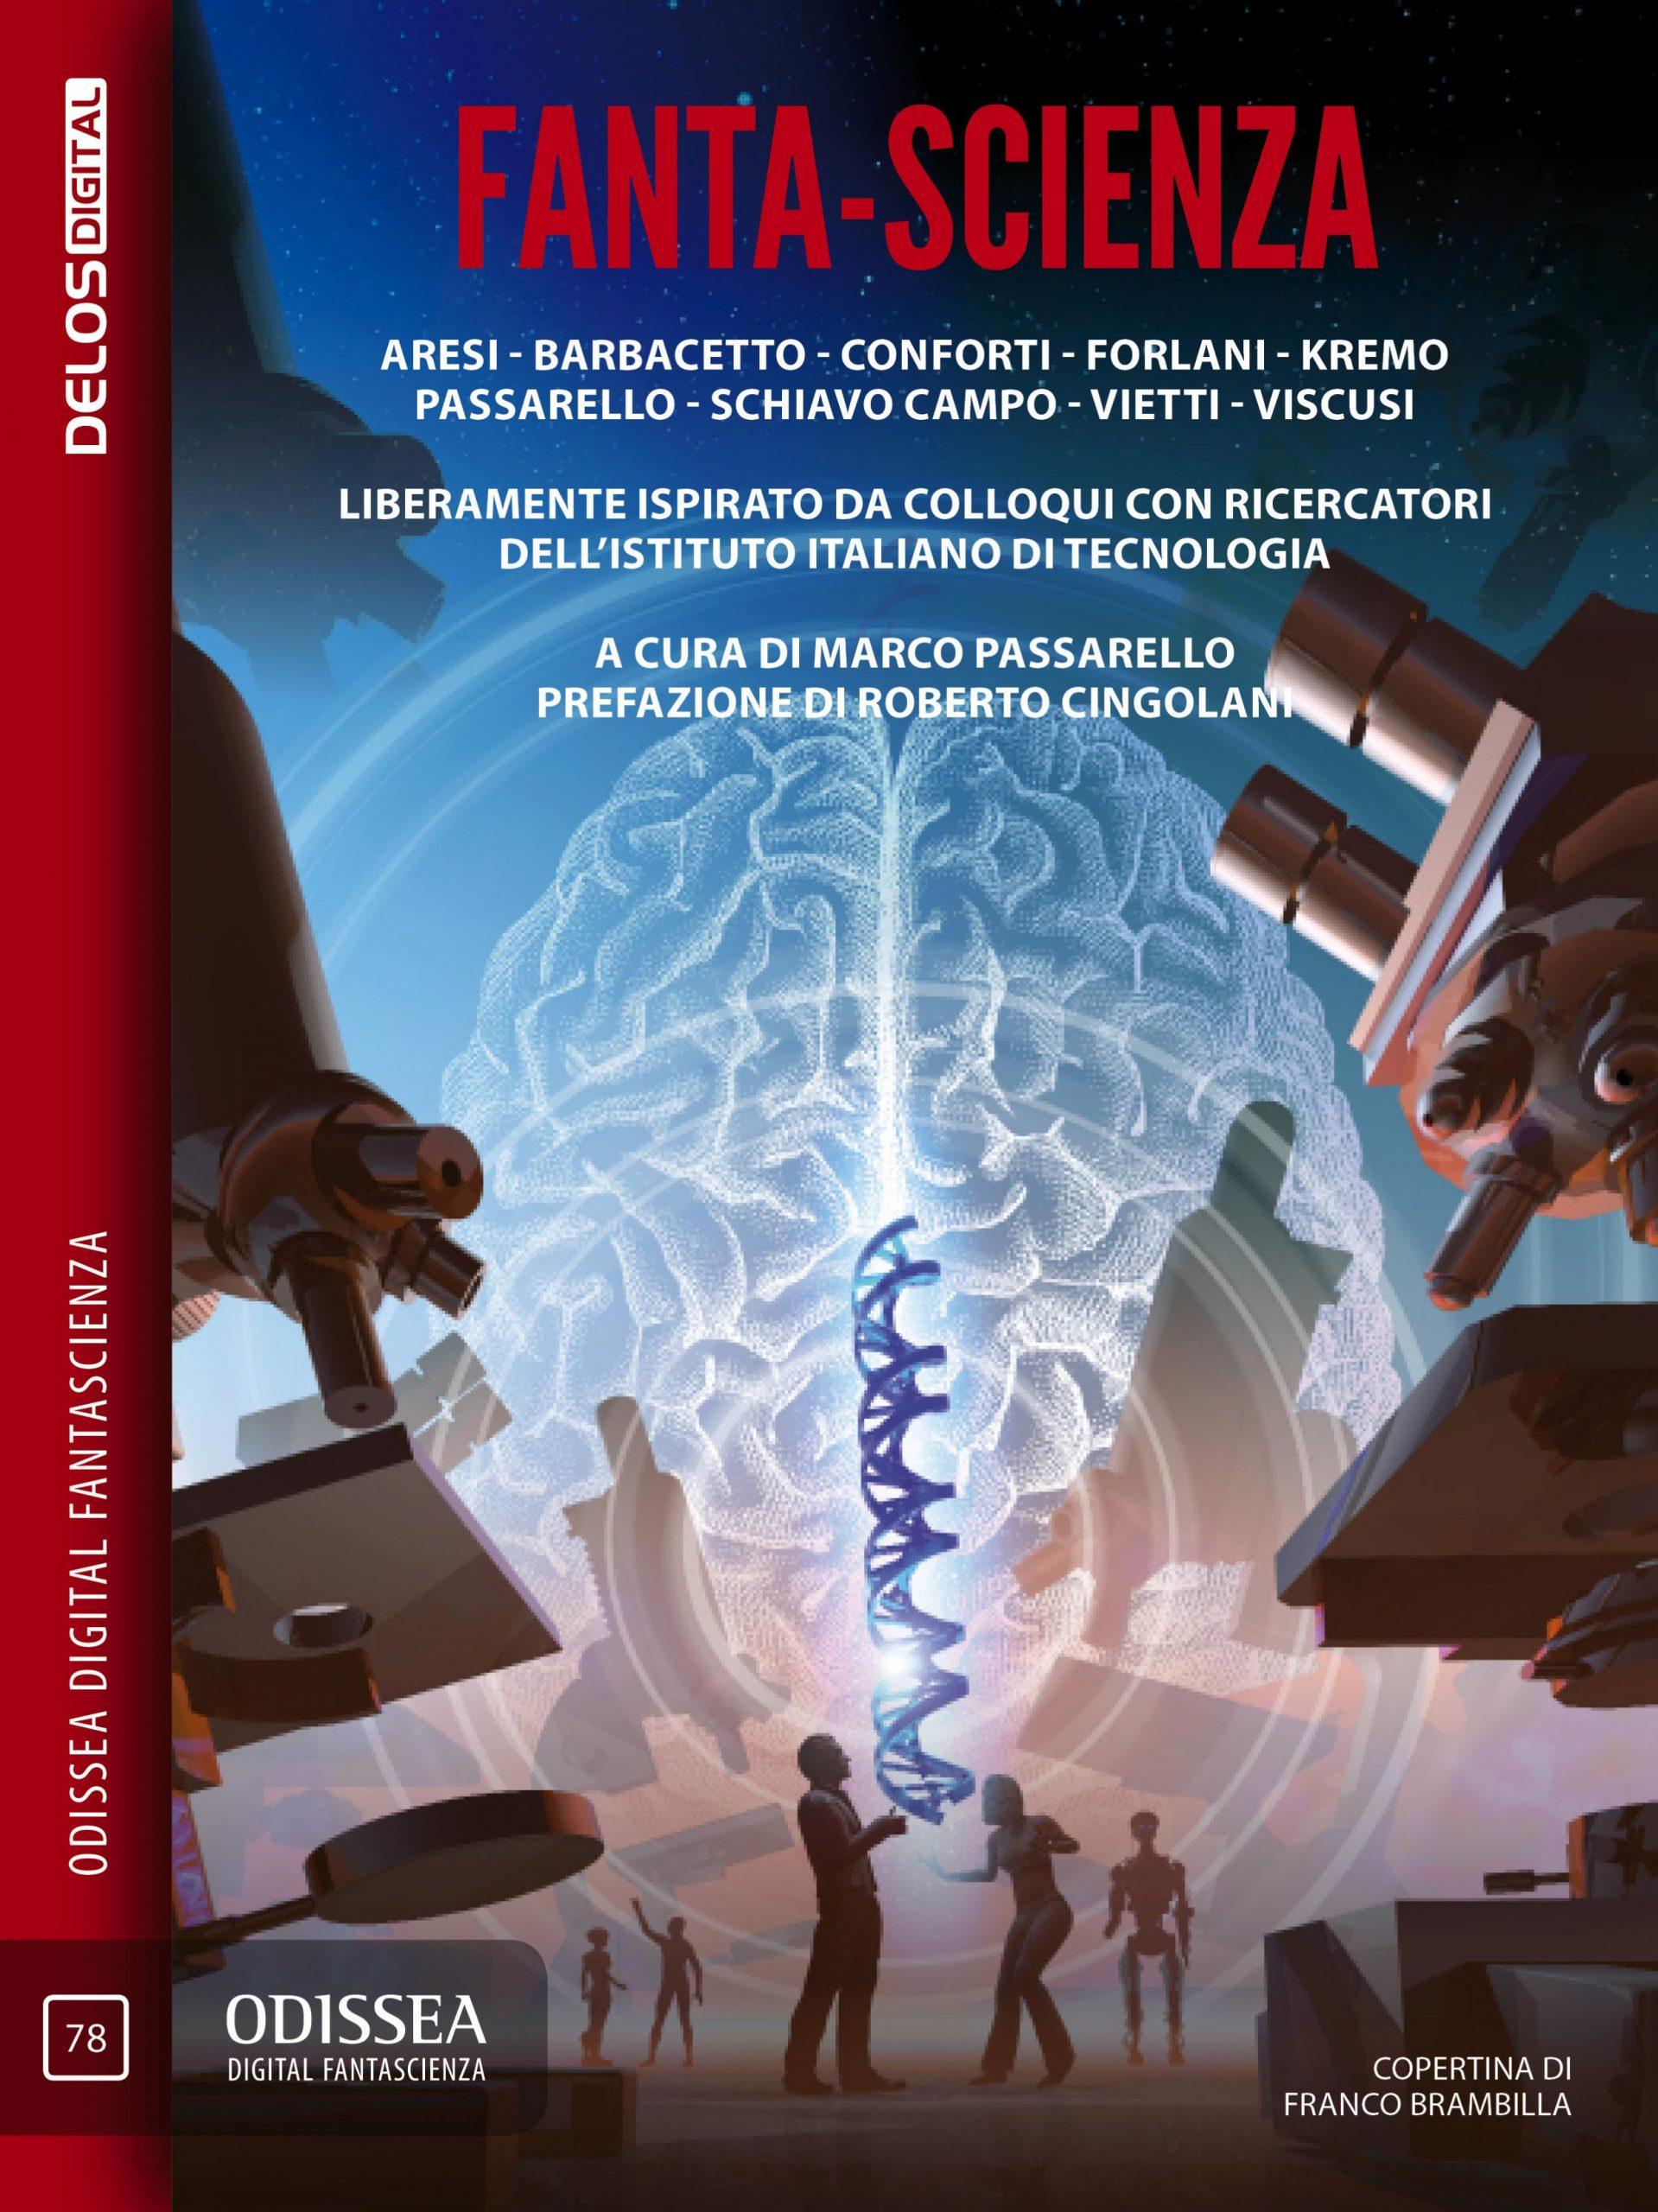 Fanta-Scienza (Delos, 2019) 2 - fanzine